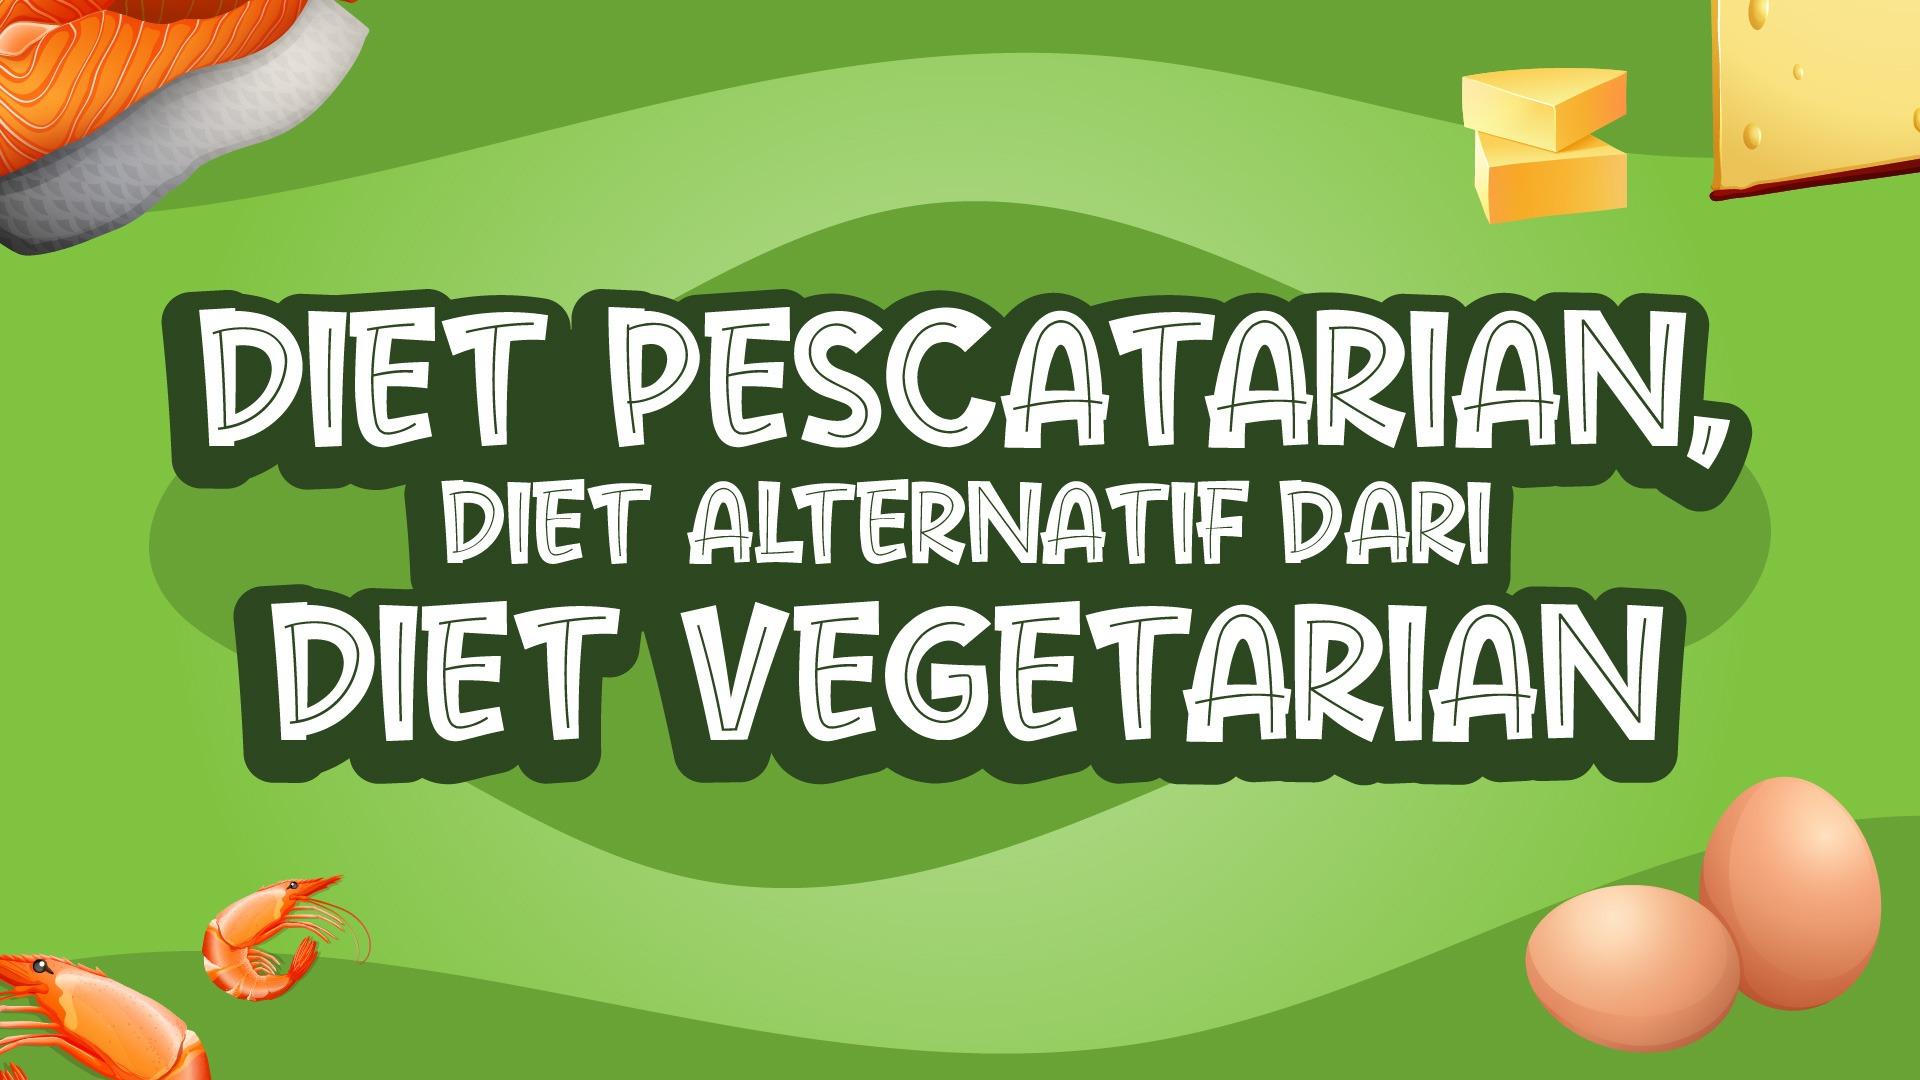 Diet Pescatarian